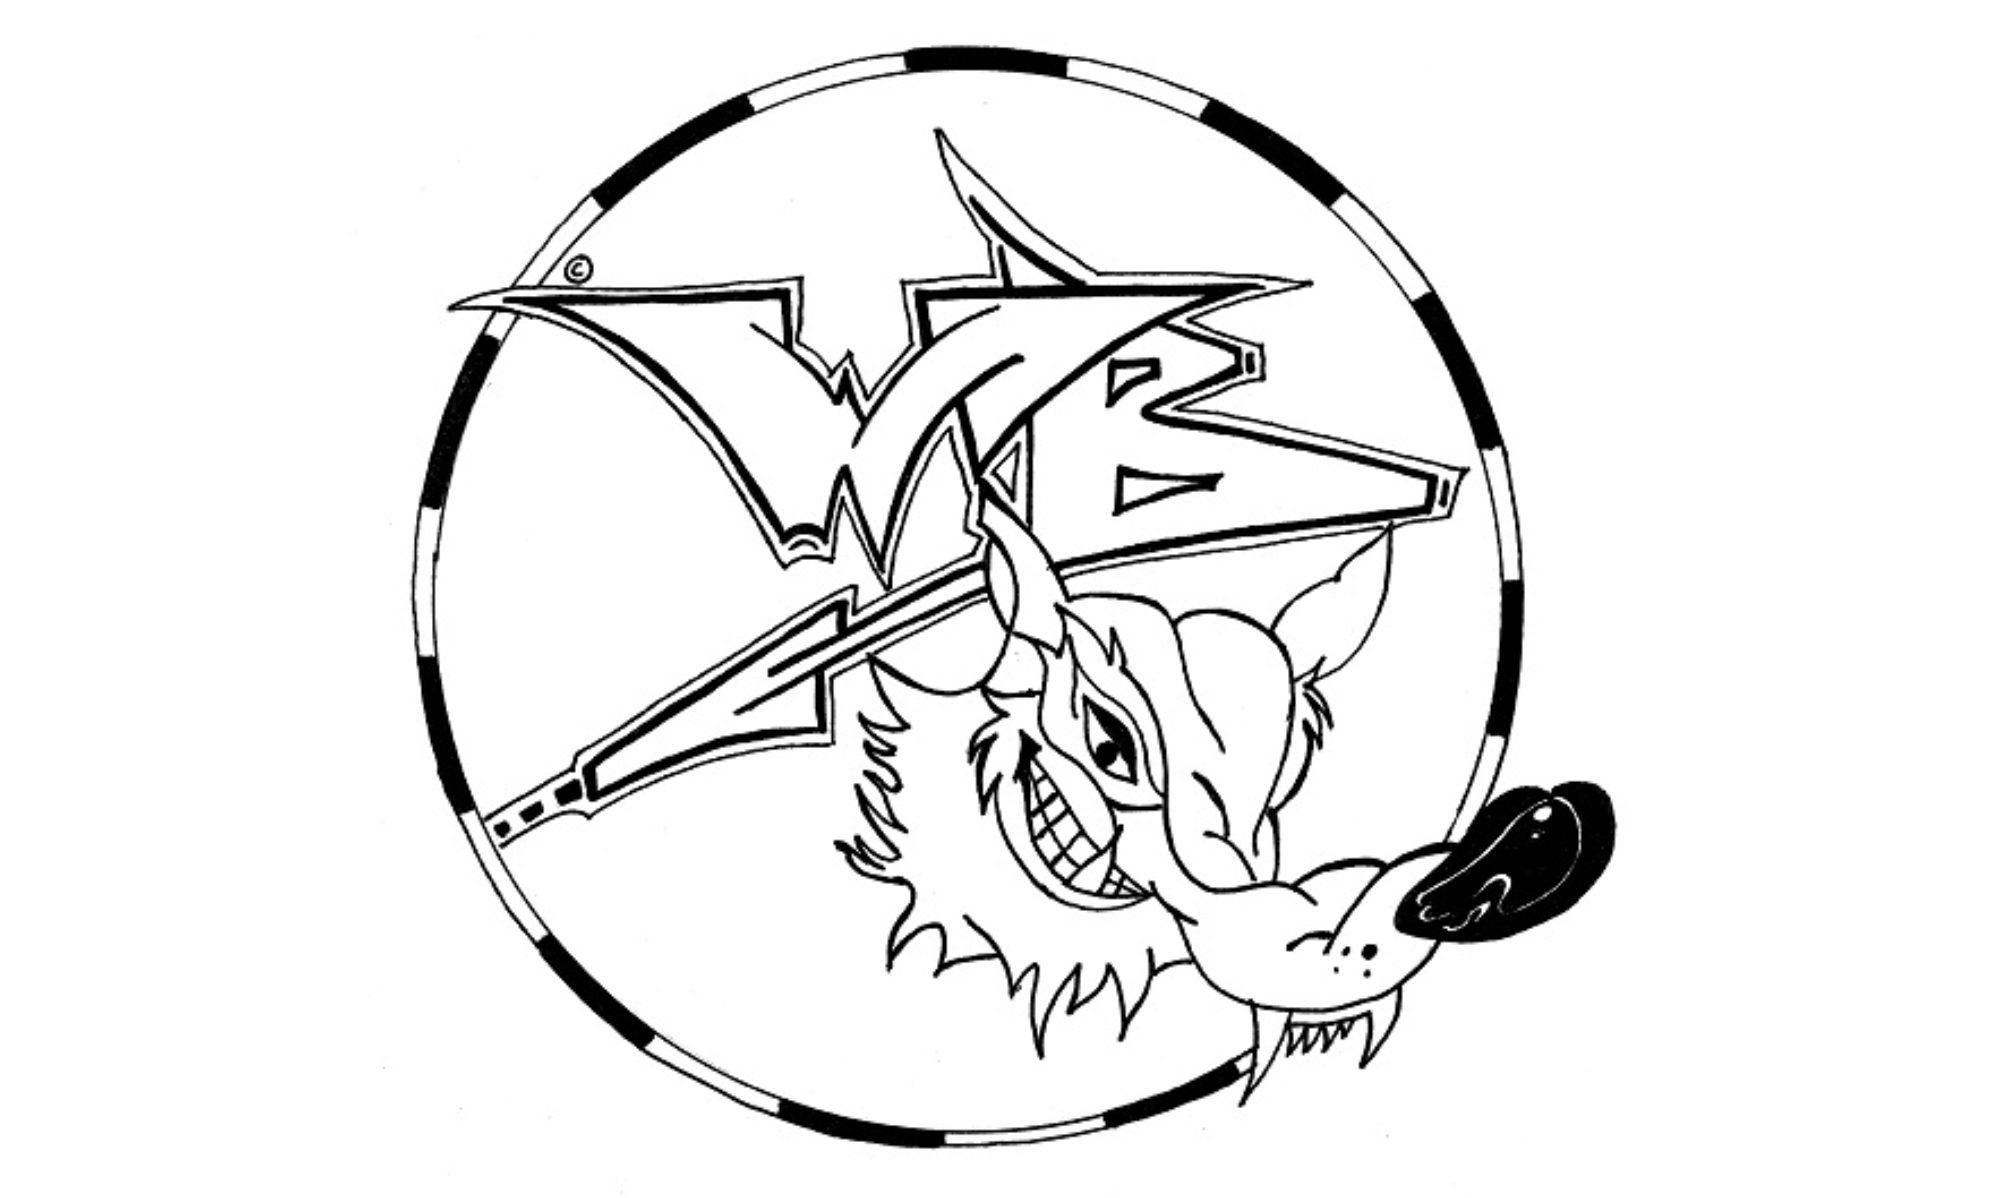 Wolfbande.de